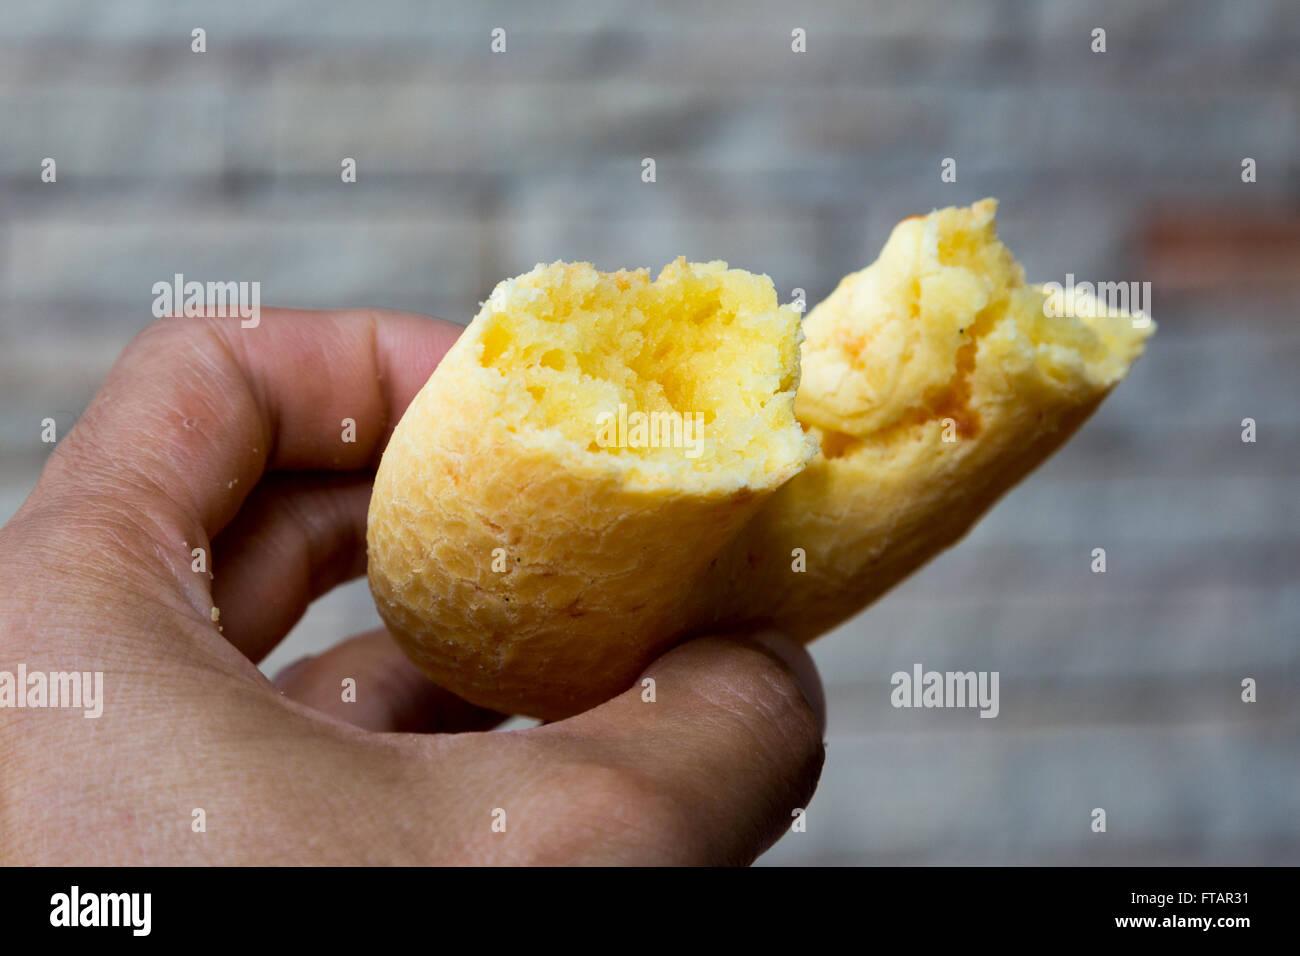 Mano azienda tipica chipa paraguaiano. Chipa è un tipo di forno, formaggi-rotoli aromatizzato, un tradizionale Immagini Stock